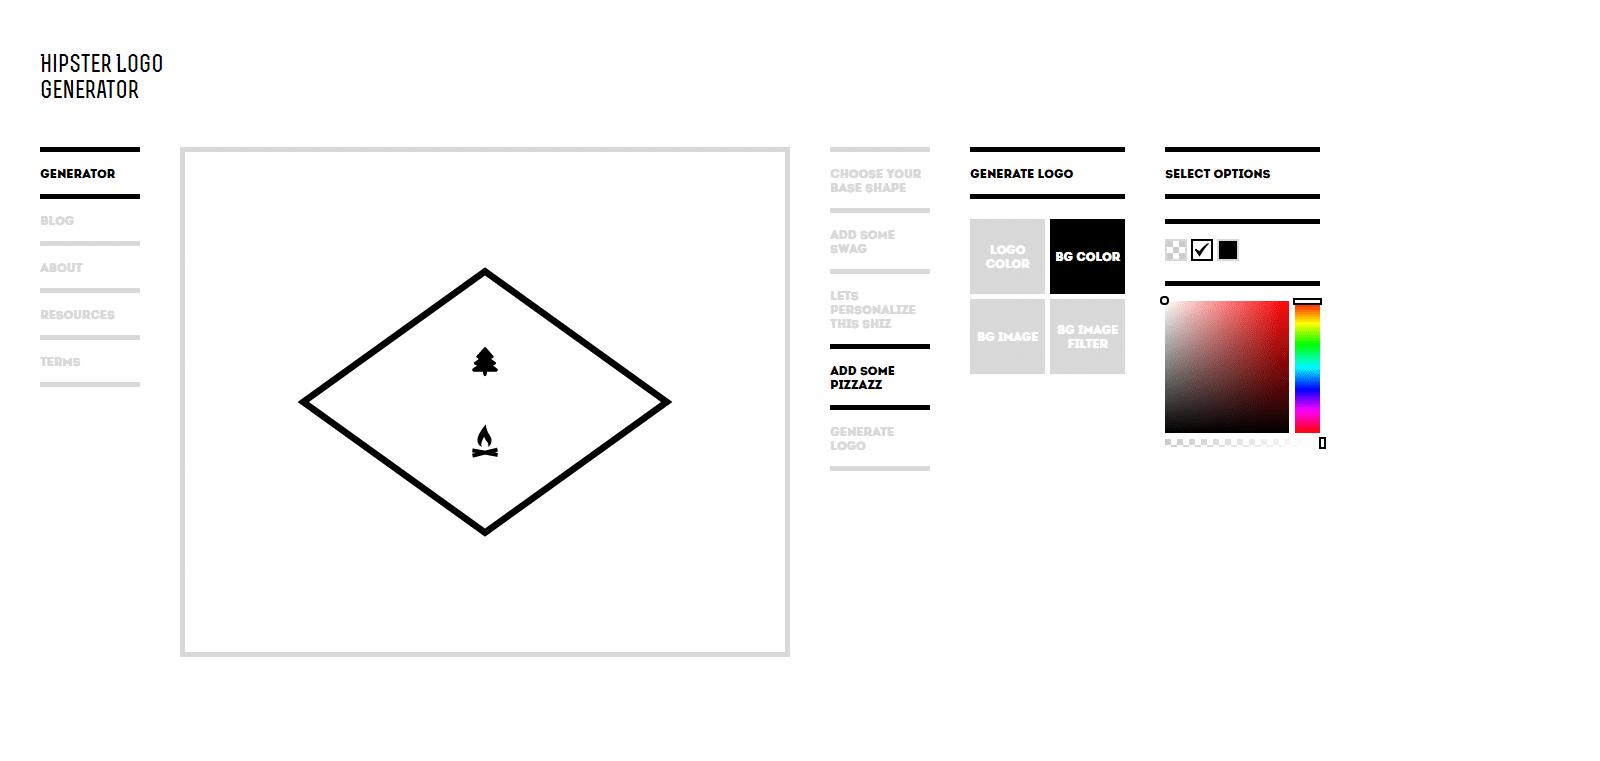 Cretsiz logo tasar m programlar logo tasar m nas l for Hipster logo generator